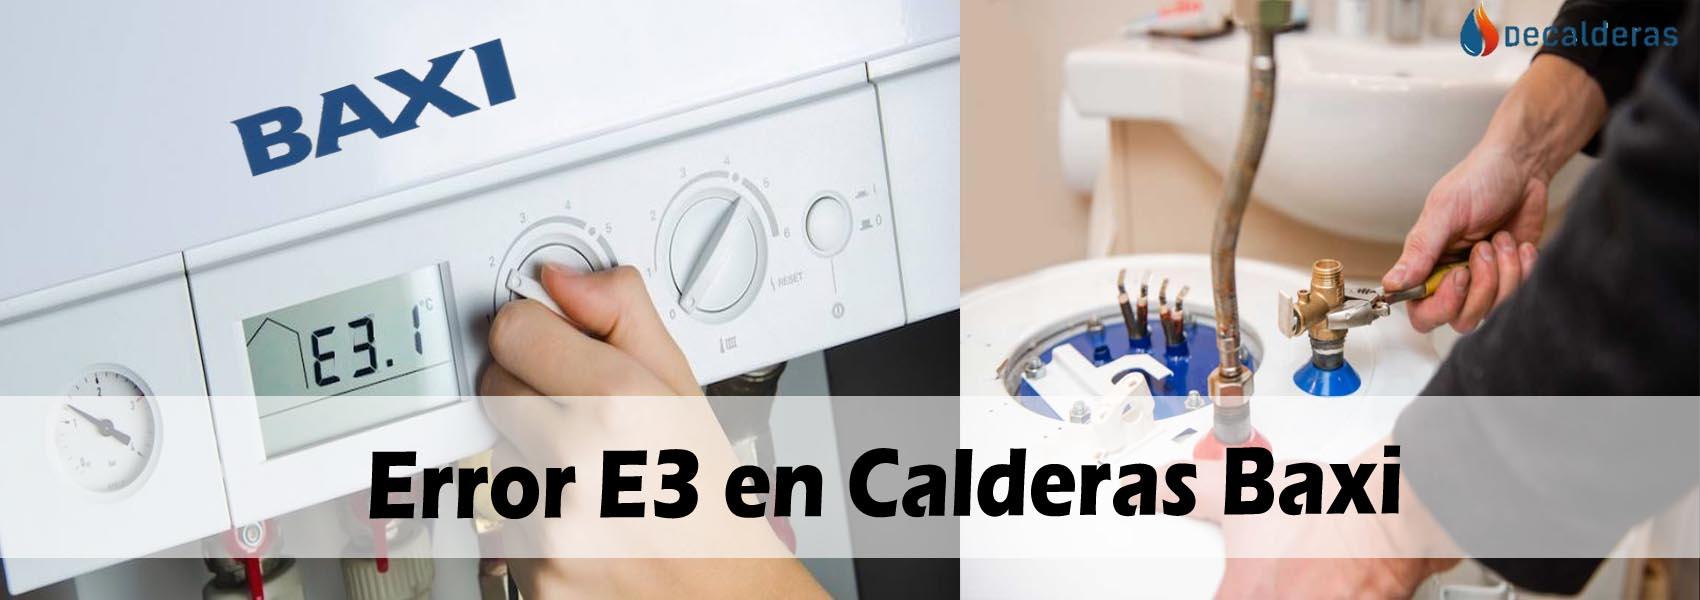 Error E3 en Calderas Baxi